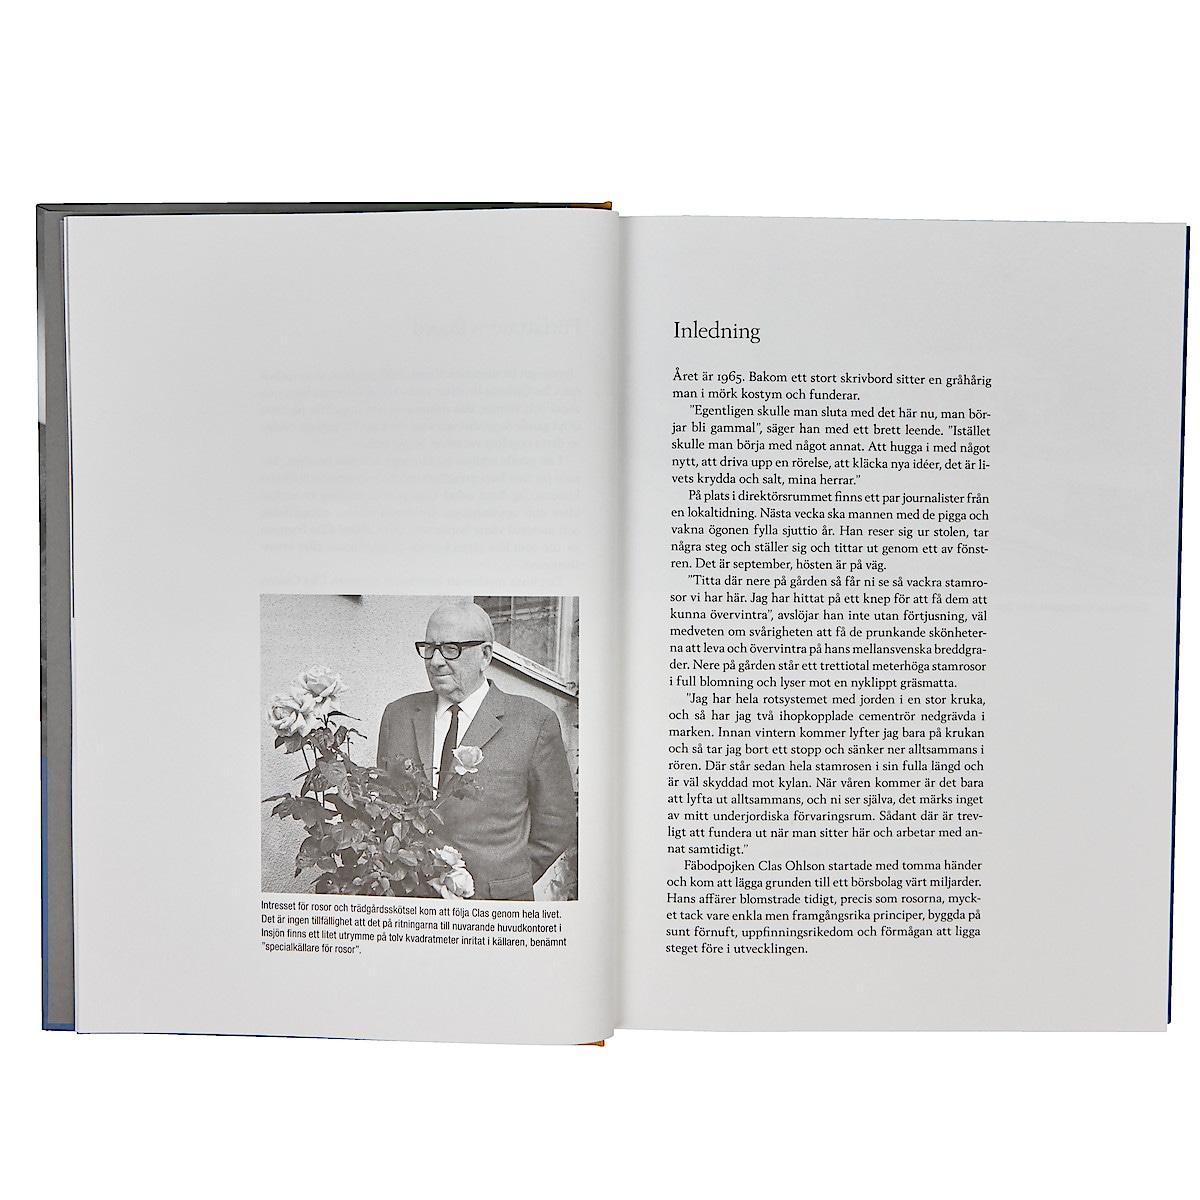 Boken om Clas Ohlson - Från fäboden till börsen